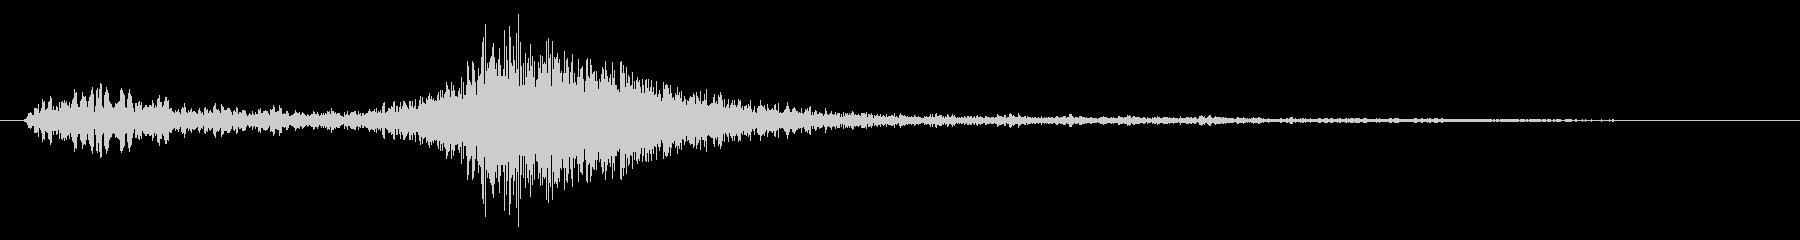 メニュー画面音(ウインドウ開閉など)03の未再生の波形